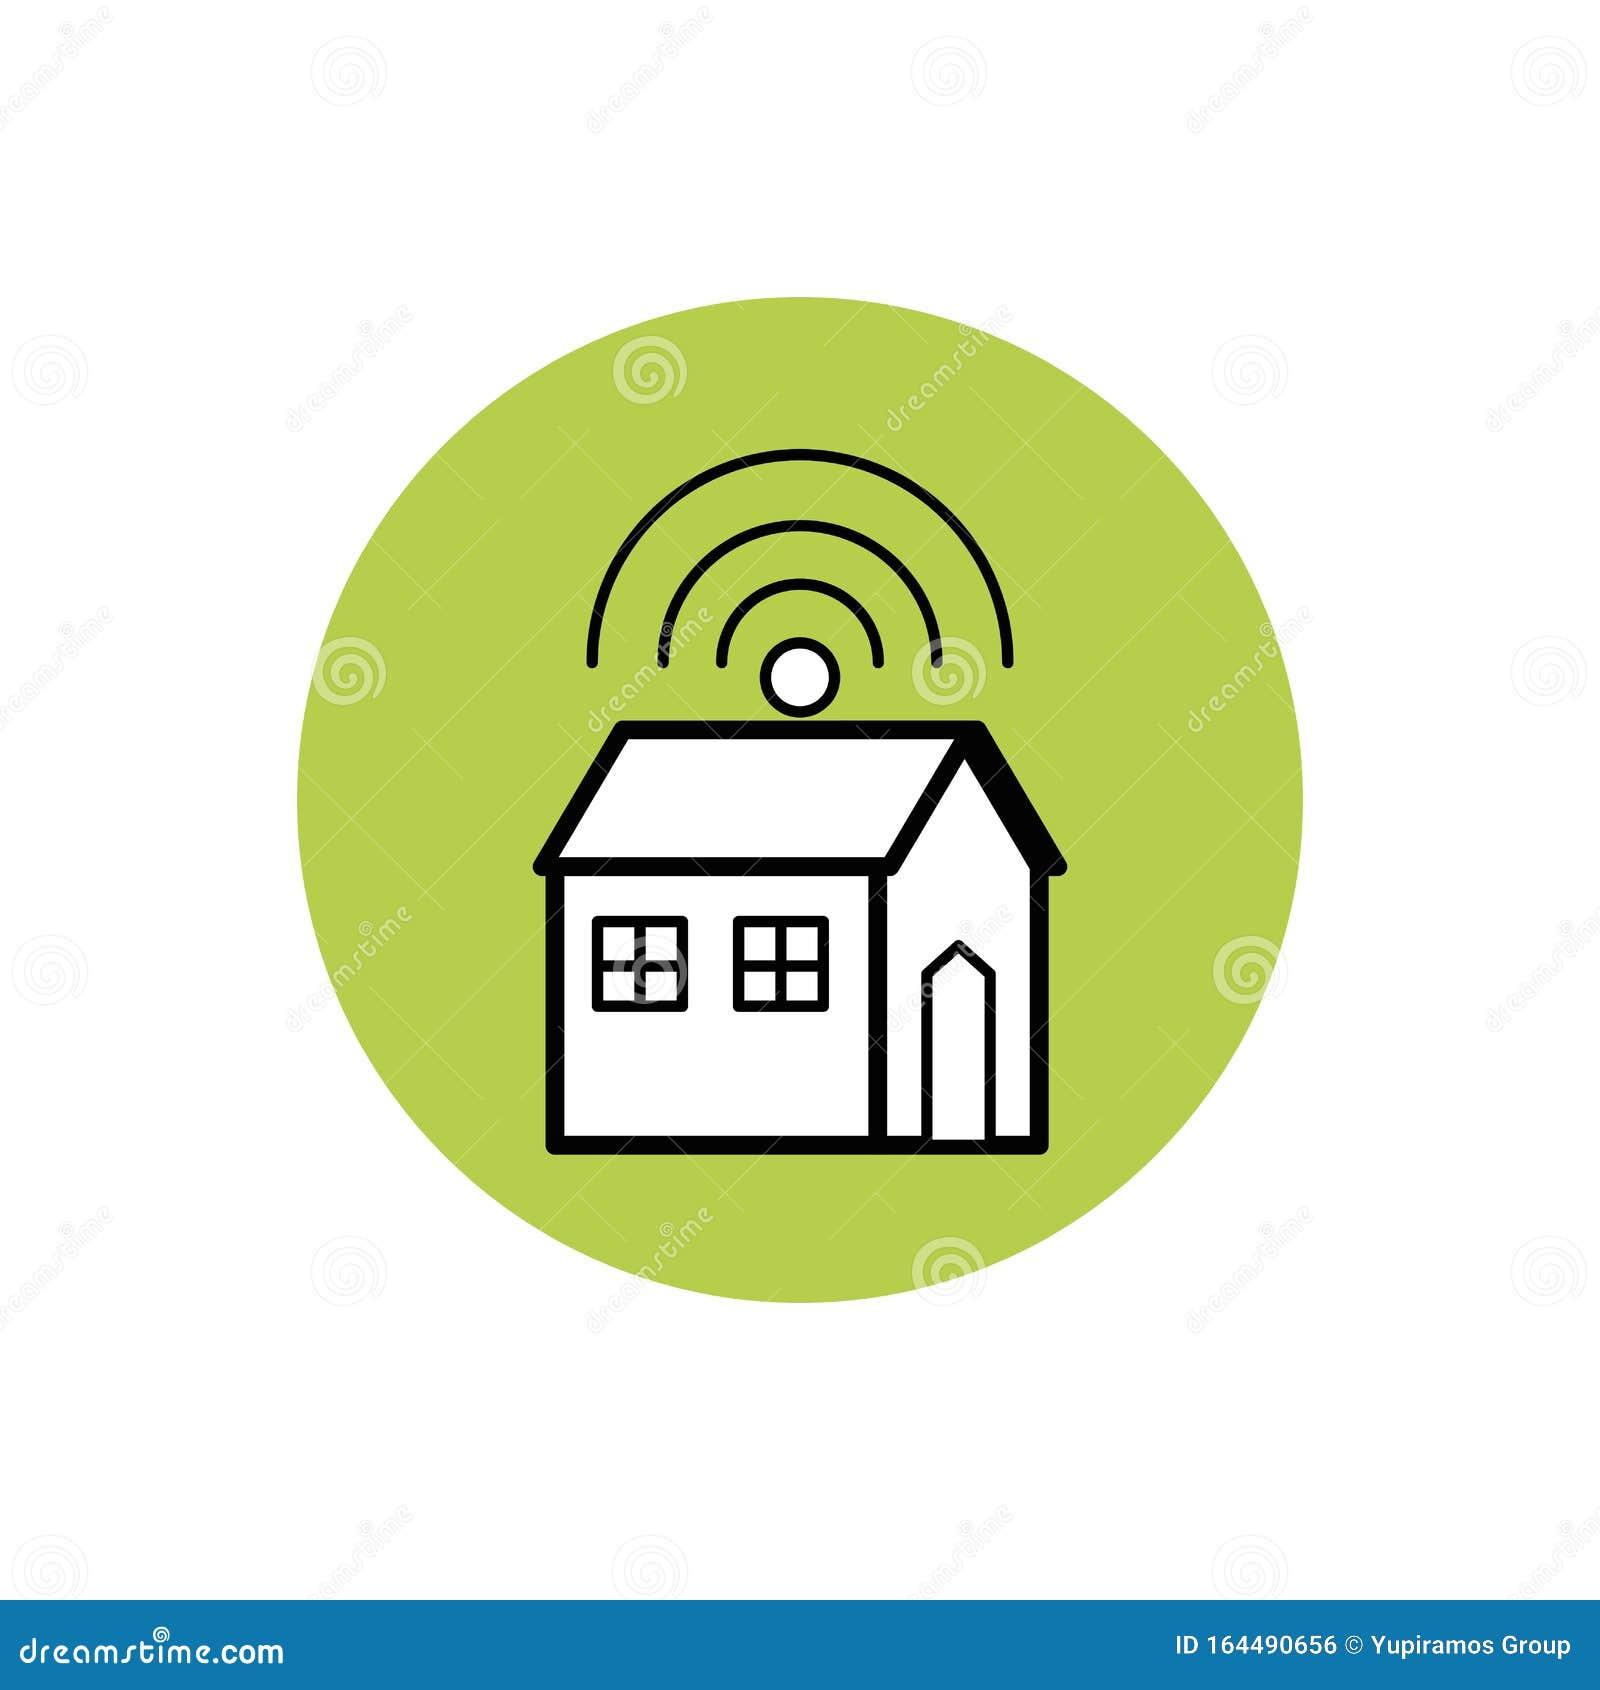 Future House Icon Block Design Stock Vector Illustration Of Icon Vector 164490656